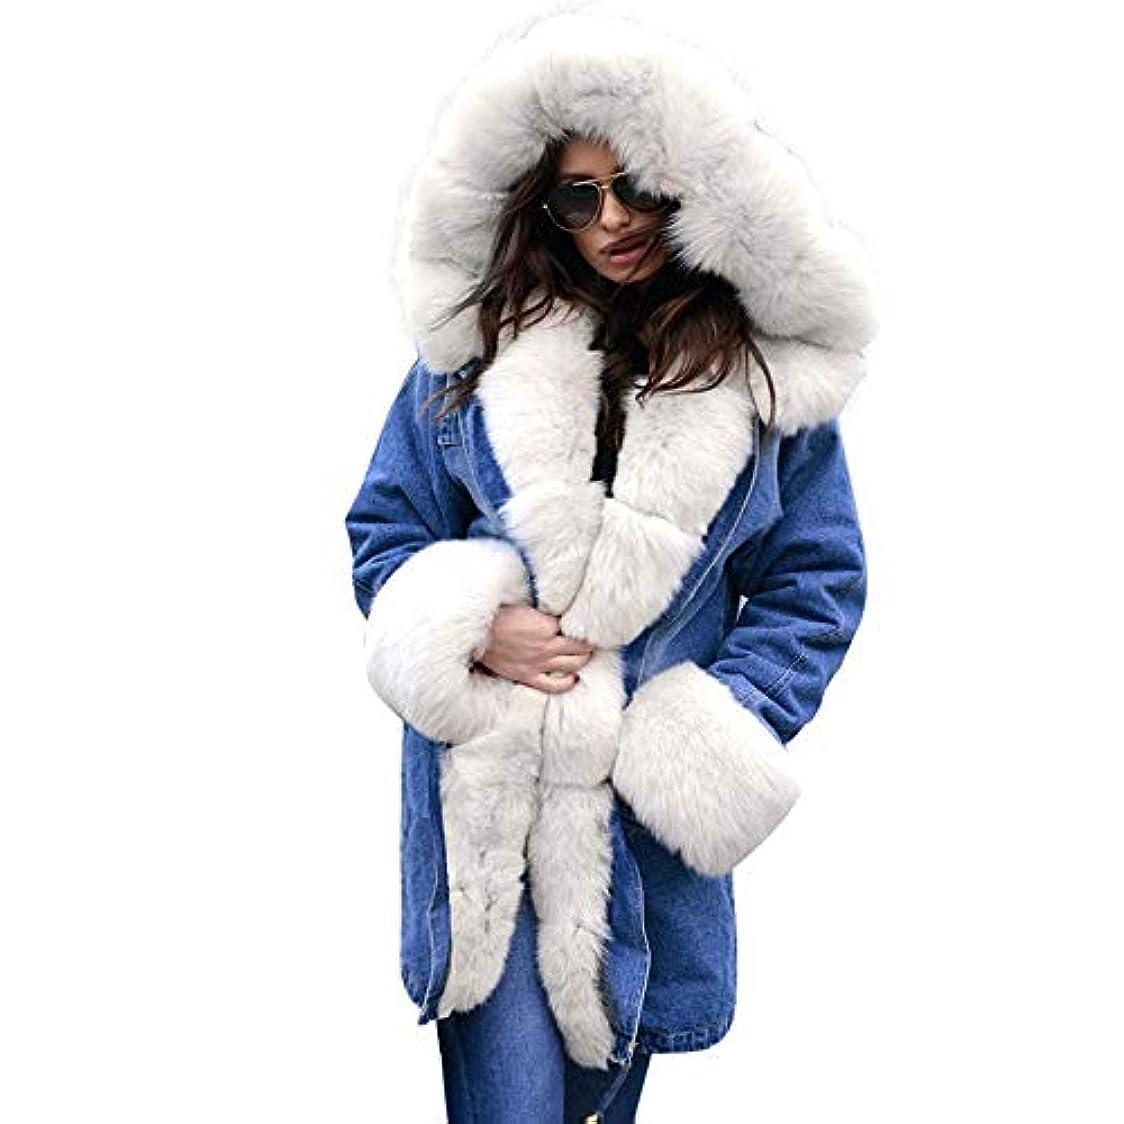 恐ろしいソーセージ銃ファッションウィンタージャケット女性ウォームコートフェイクファーコットンフリースオーバーコート女性ロングフードコートパーカスパーカー,L